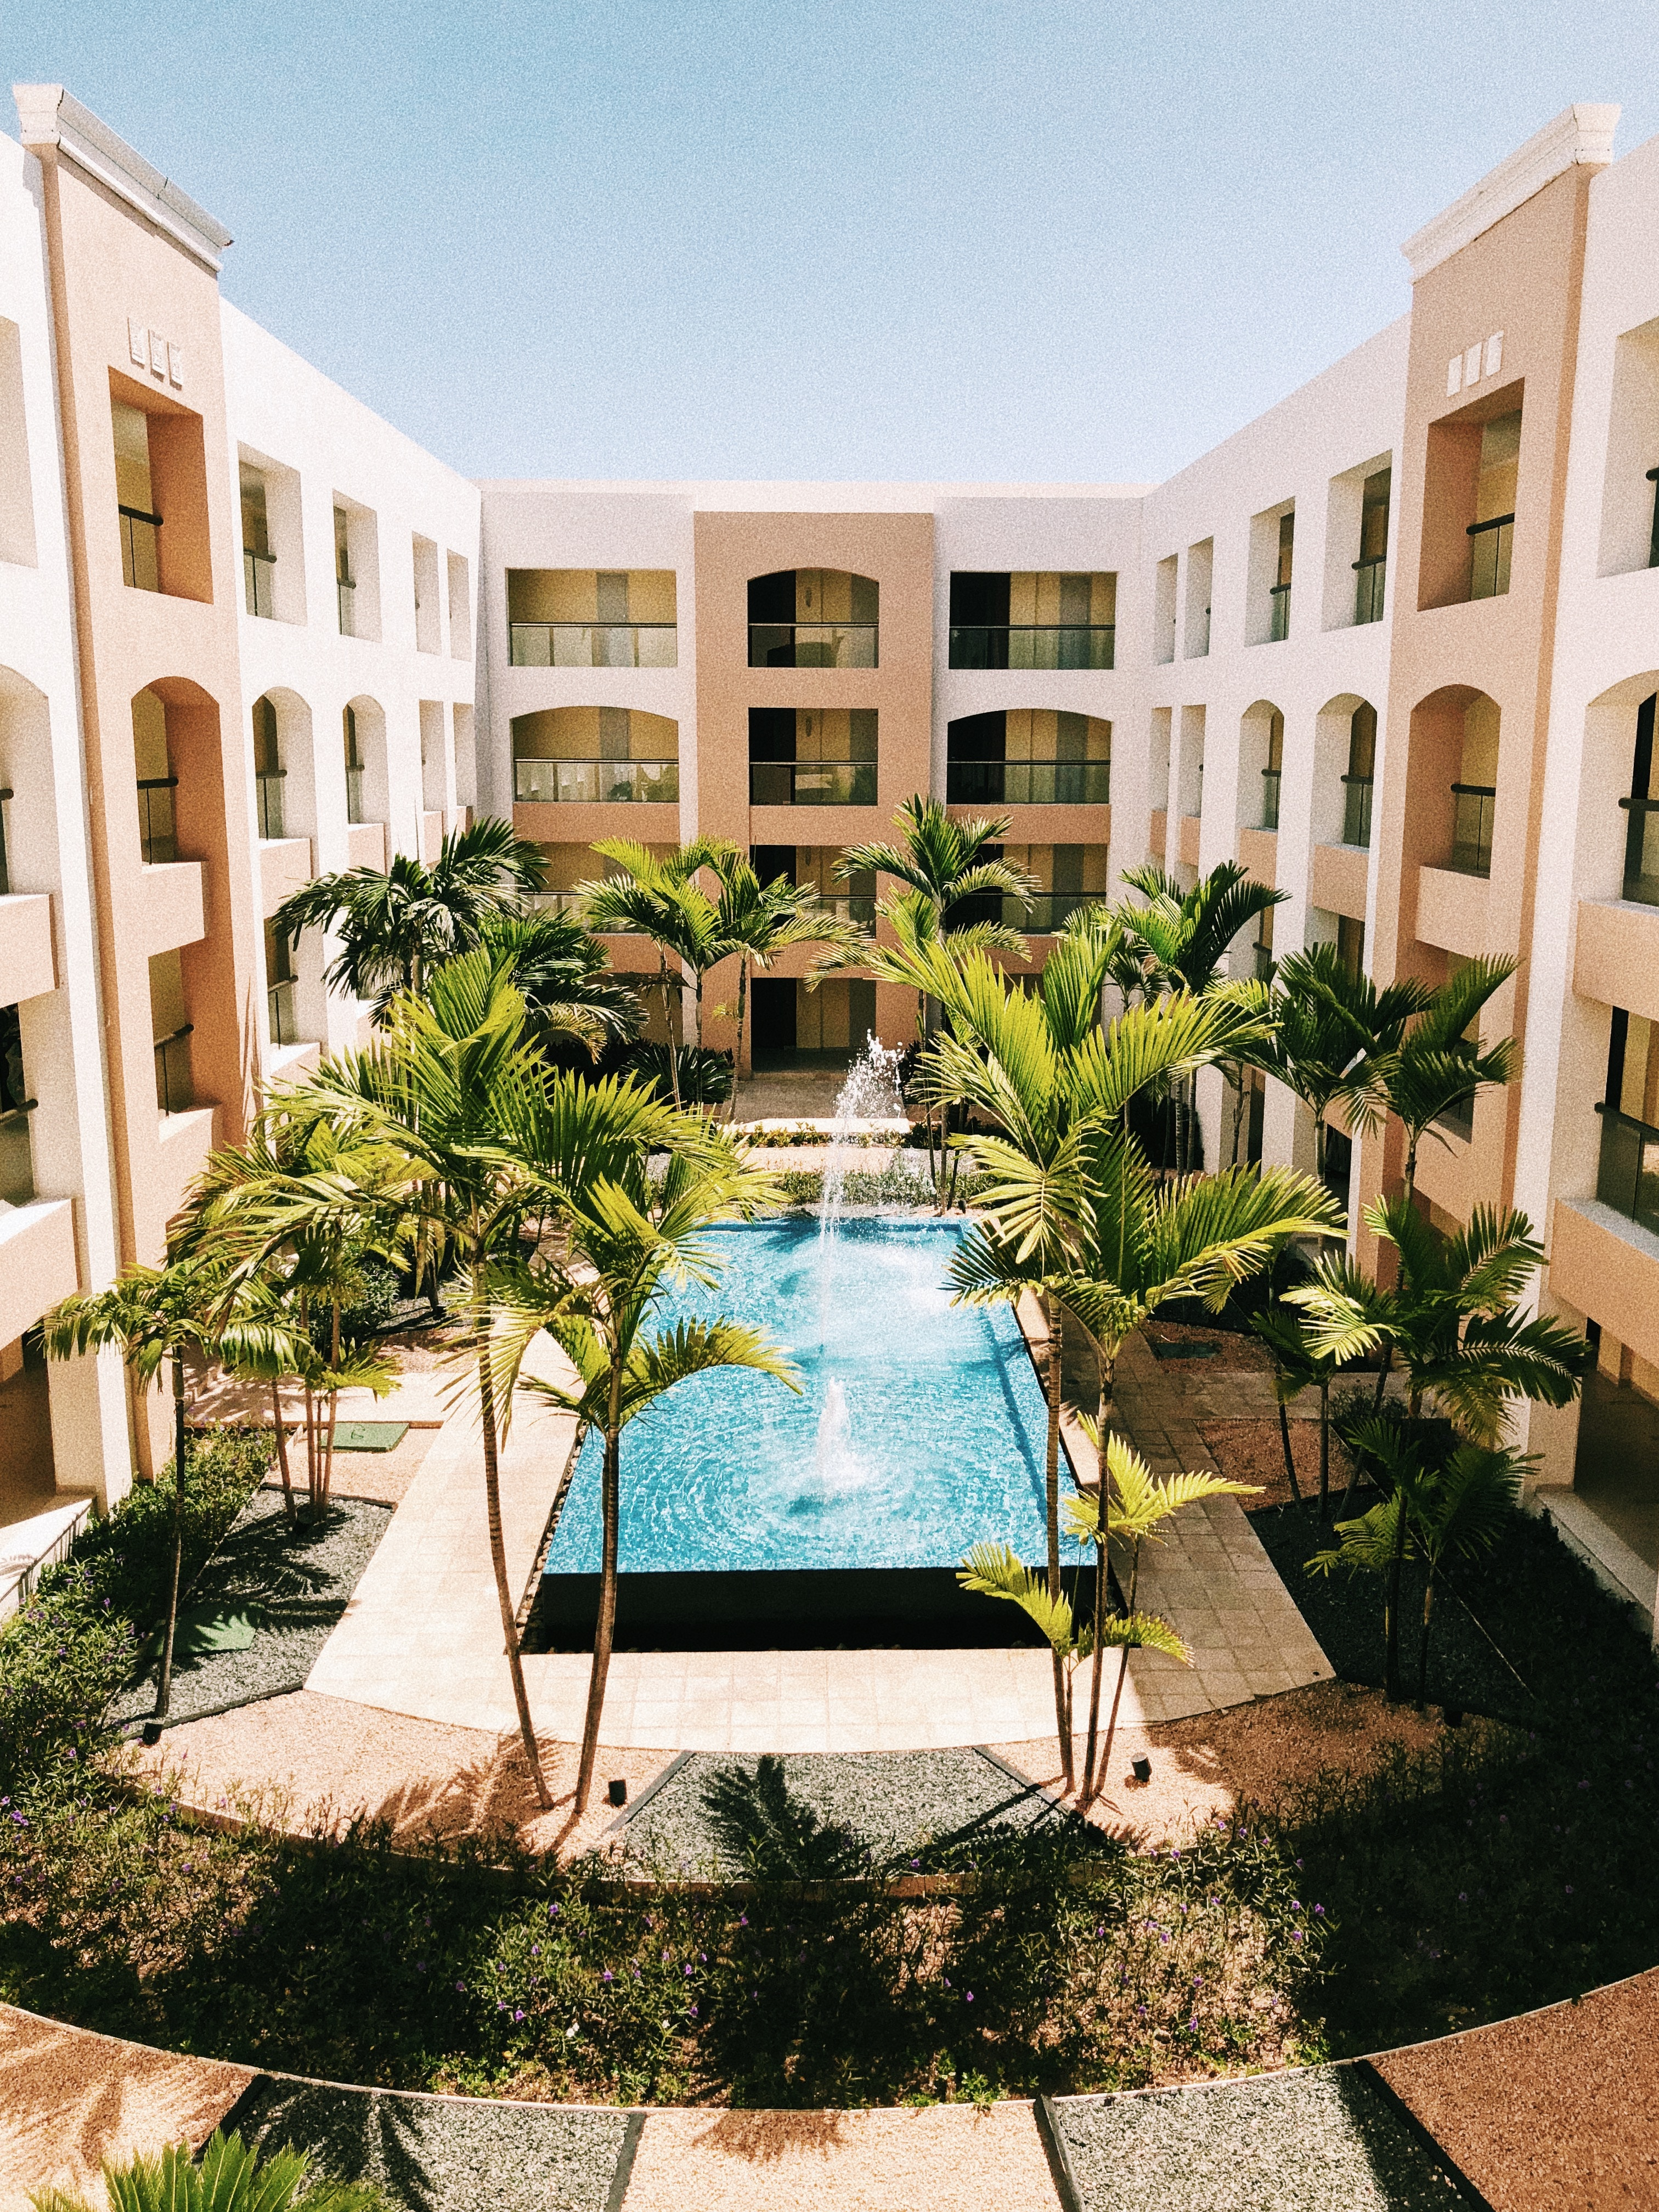 5 Conseils Pour Reserver Un Hotel De Qualite A Petit Prix Blog